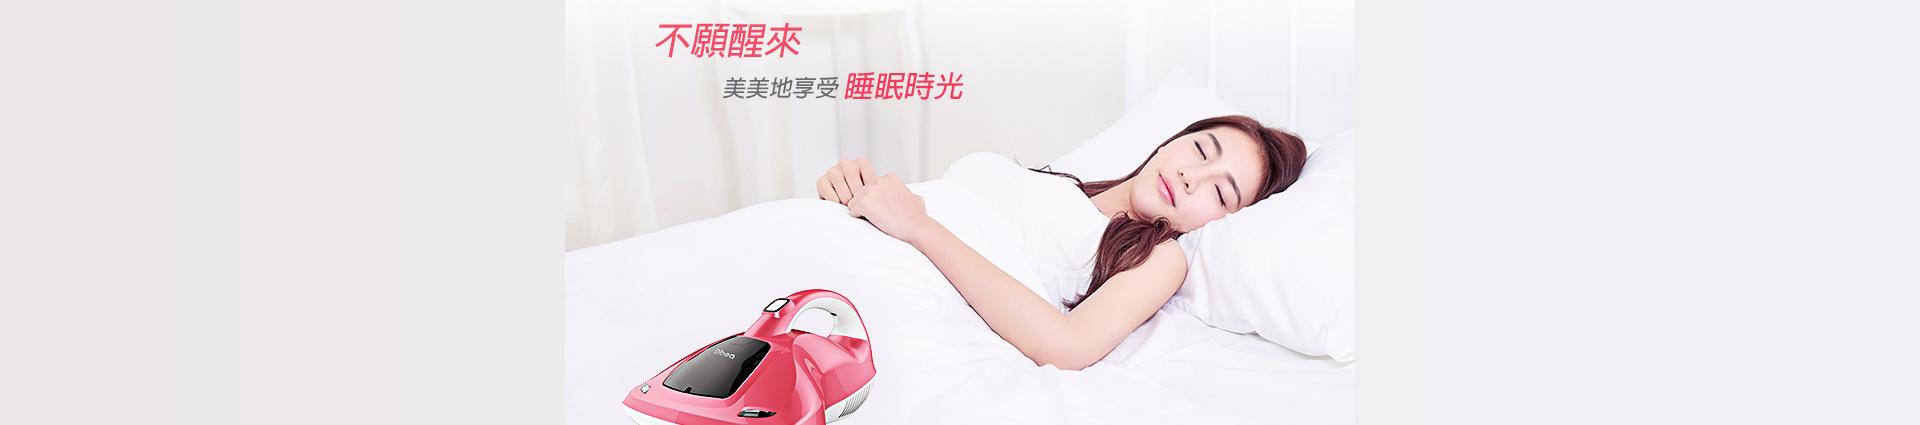 台灣Dibea地貝吸塵器l掃地機器人